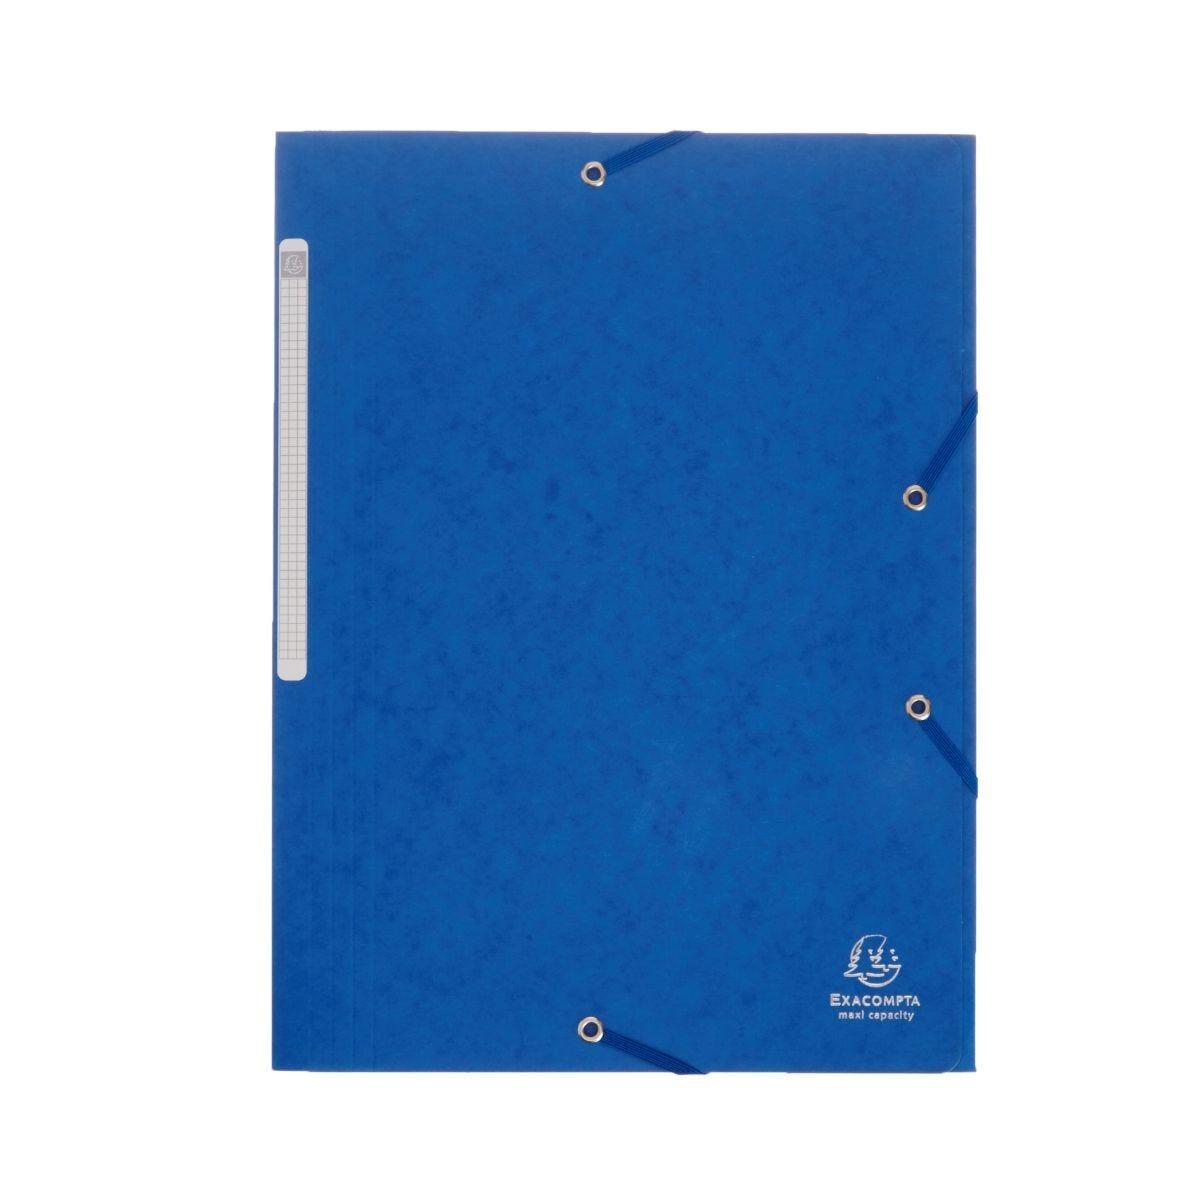 Exacompta Portfolio A4 Blue